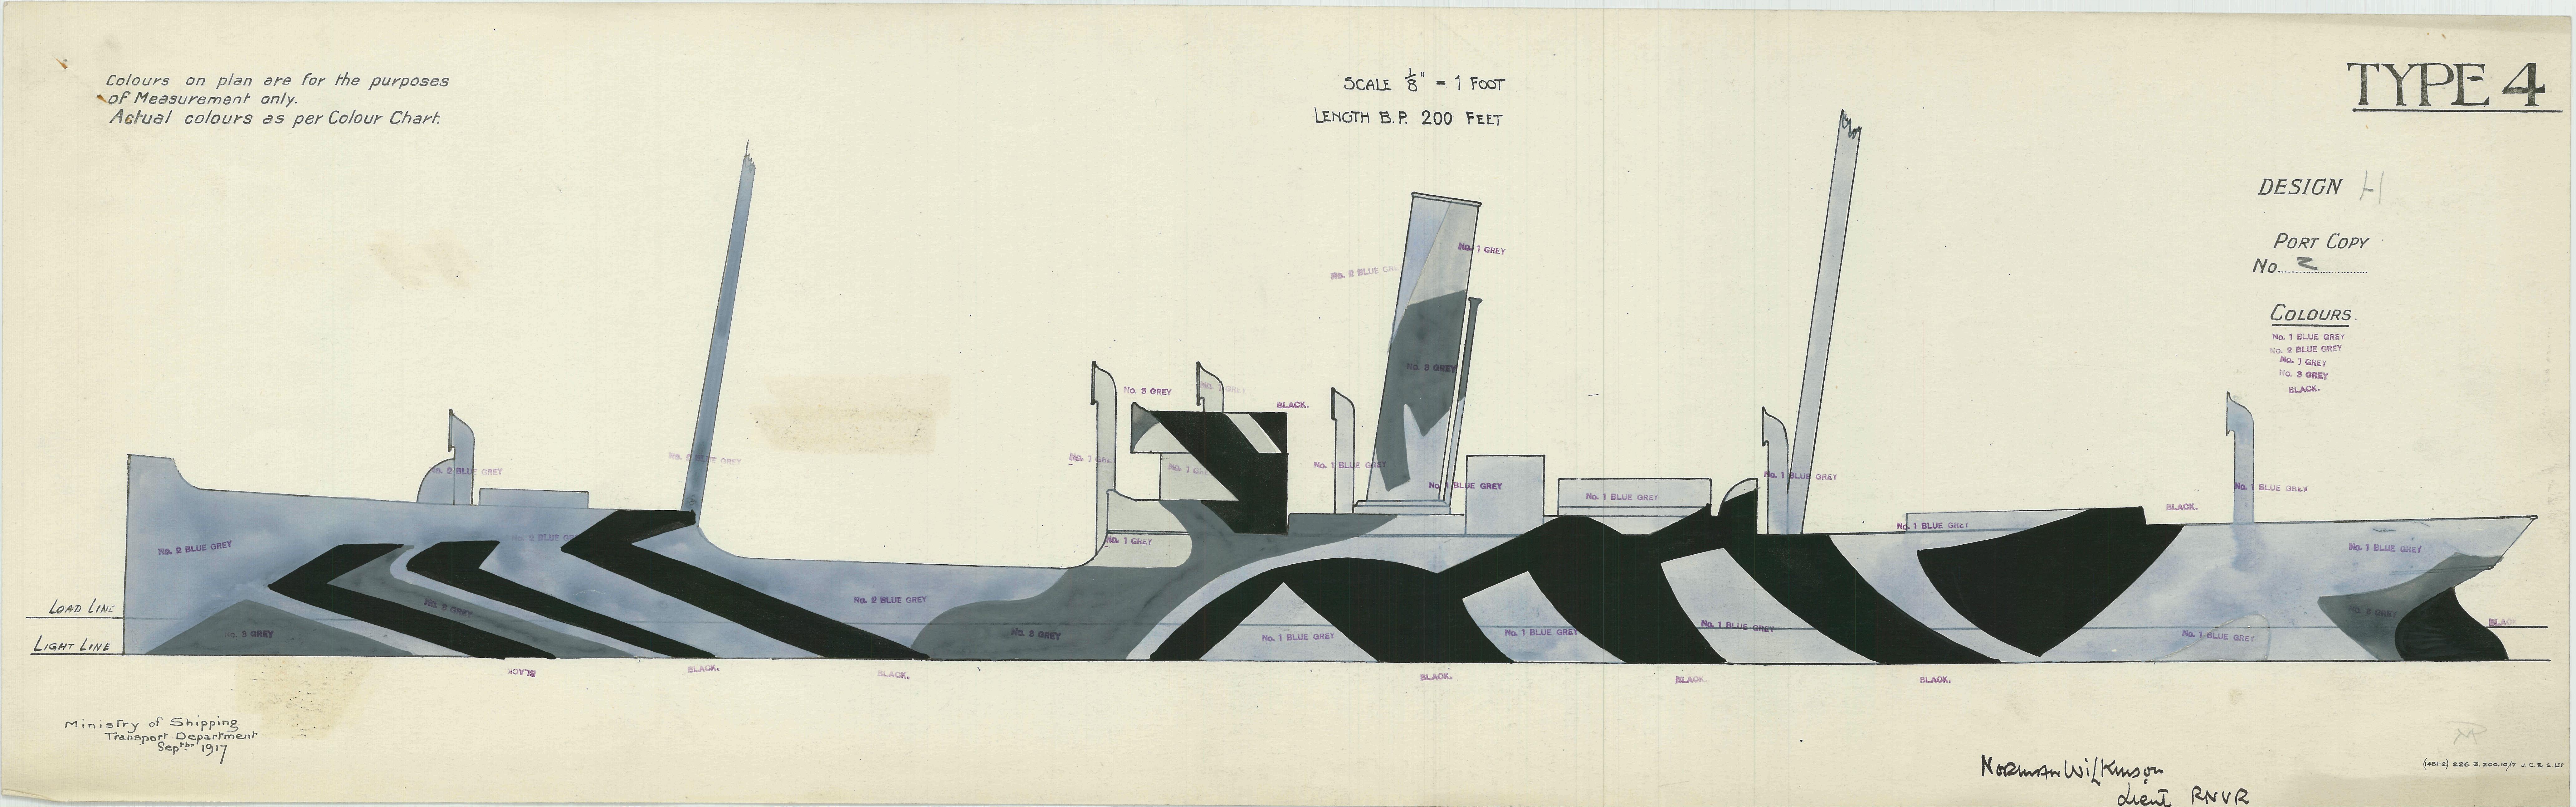 British Camouflage, Type 4, Design H, Starboard